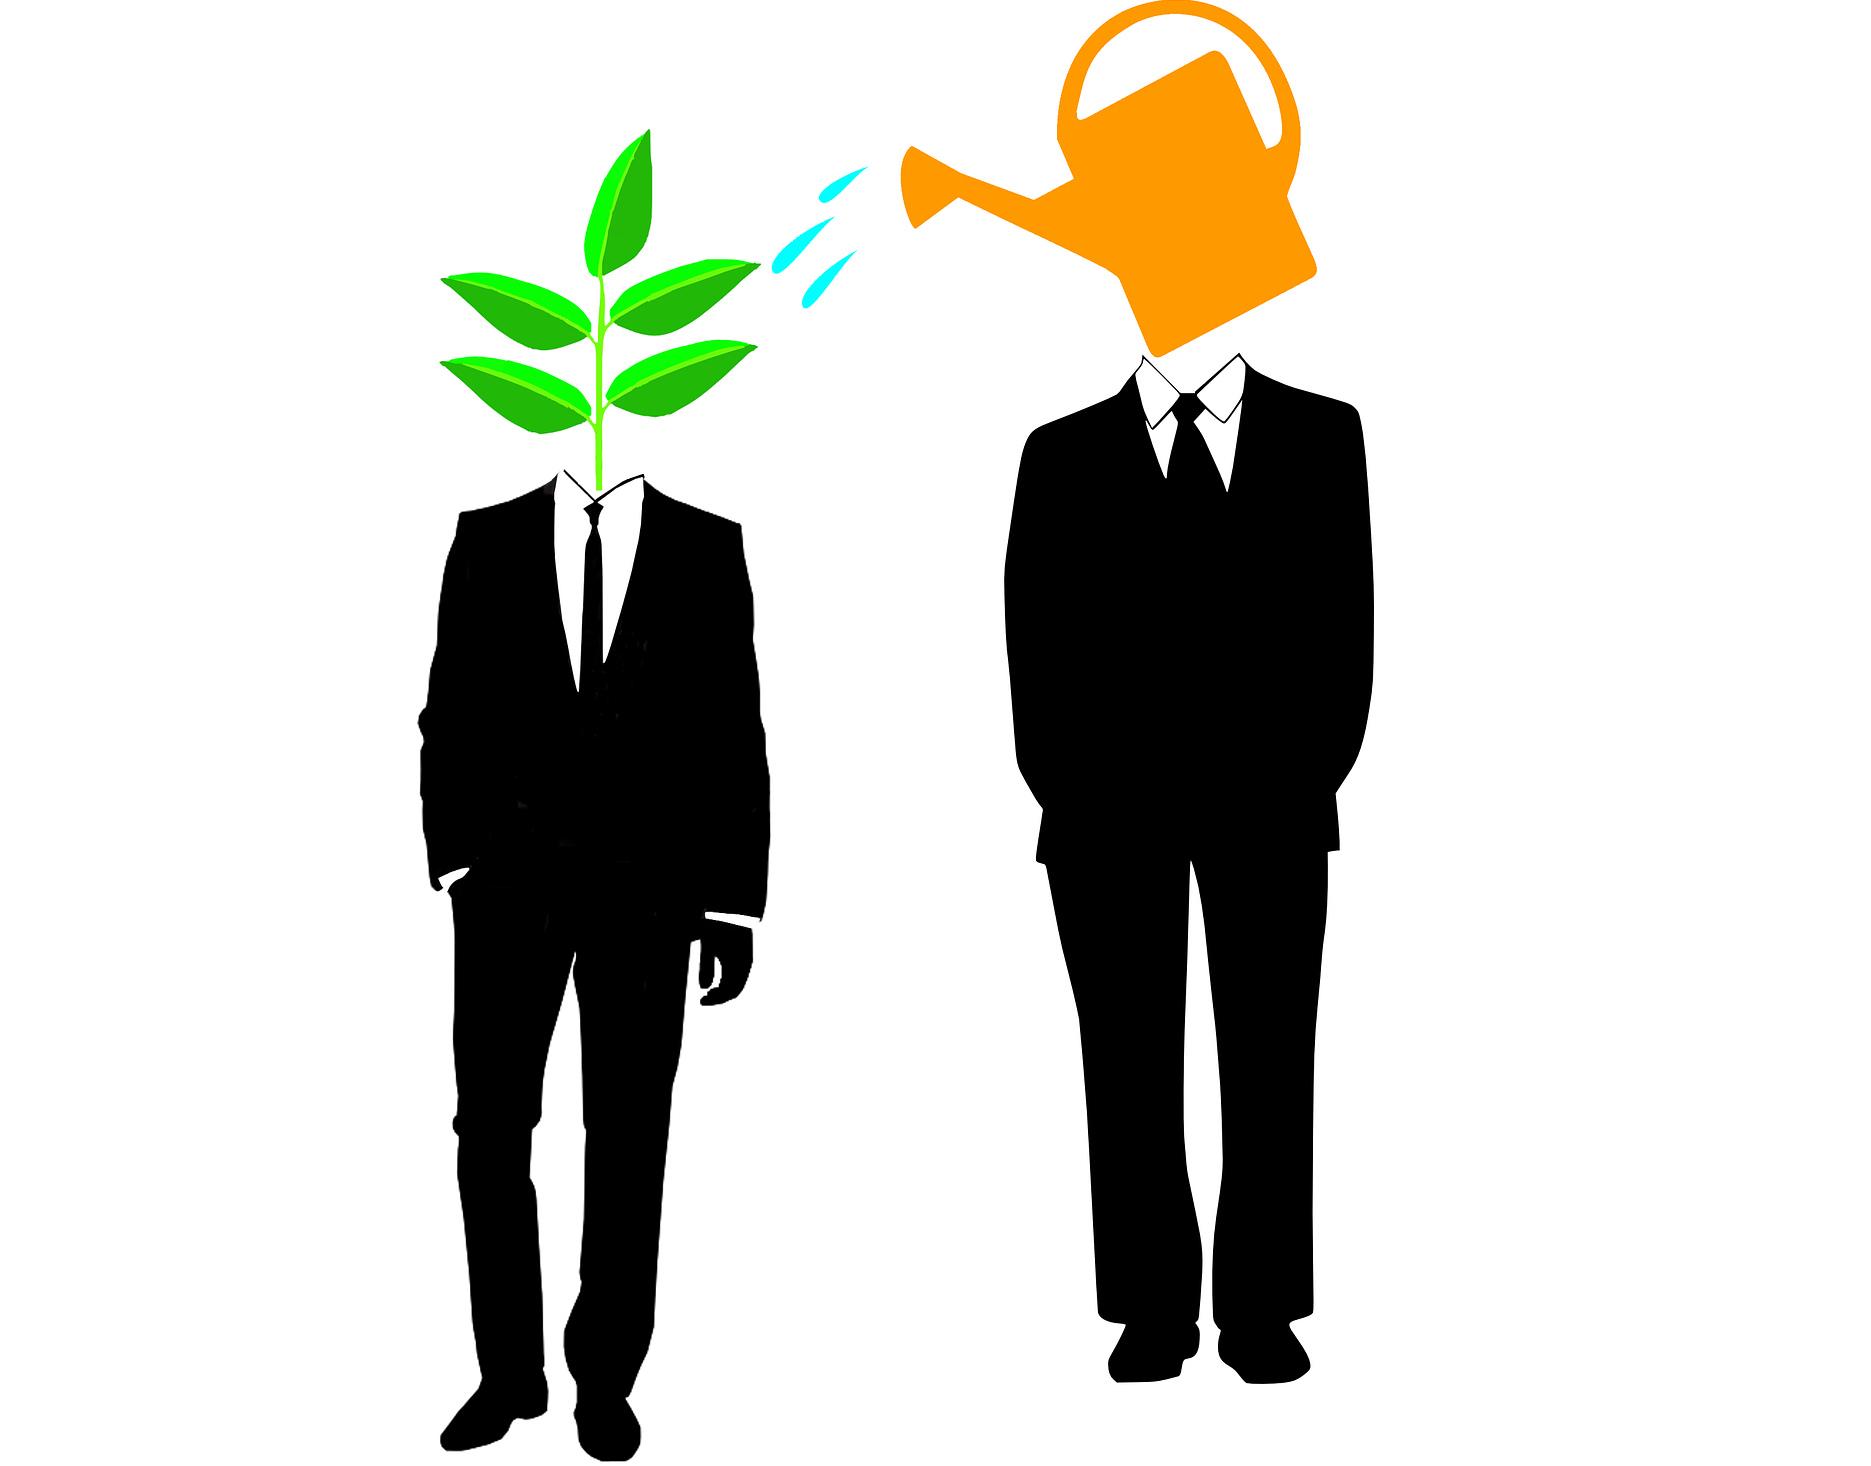 Должен ли руководитель выполнять HR-функции?